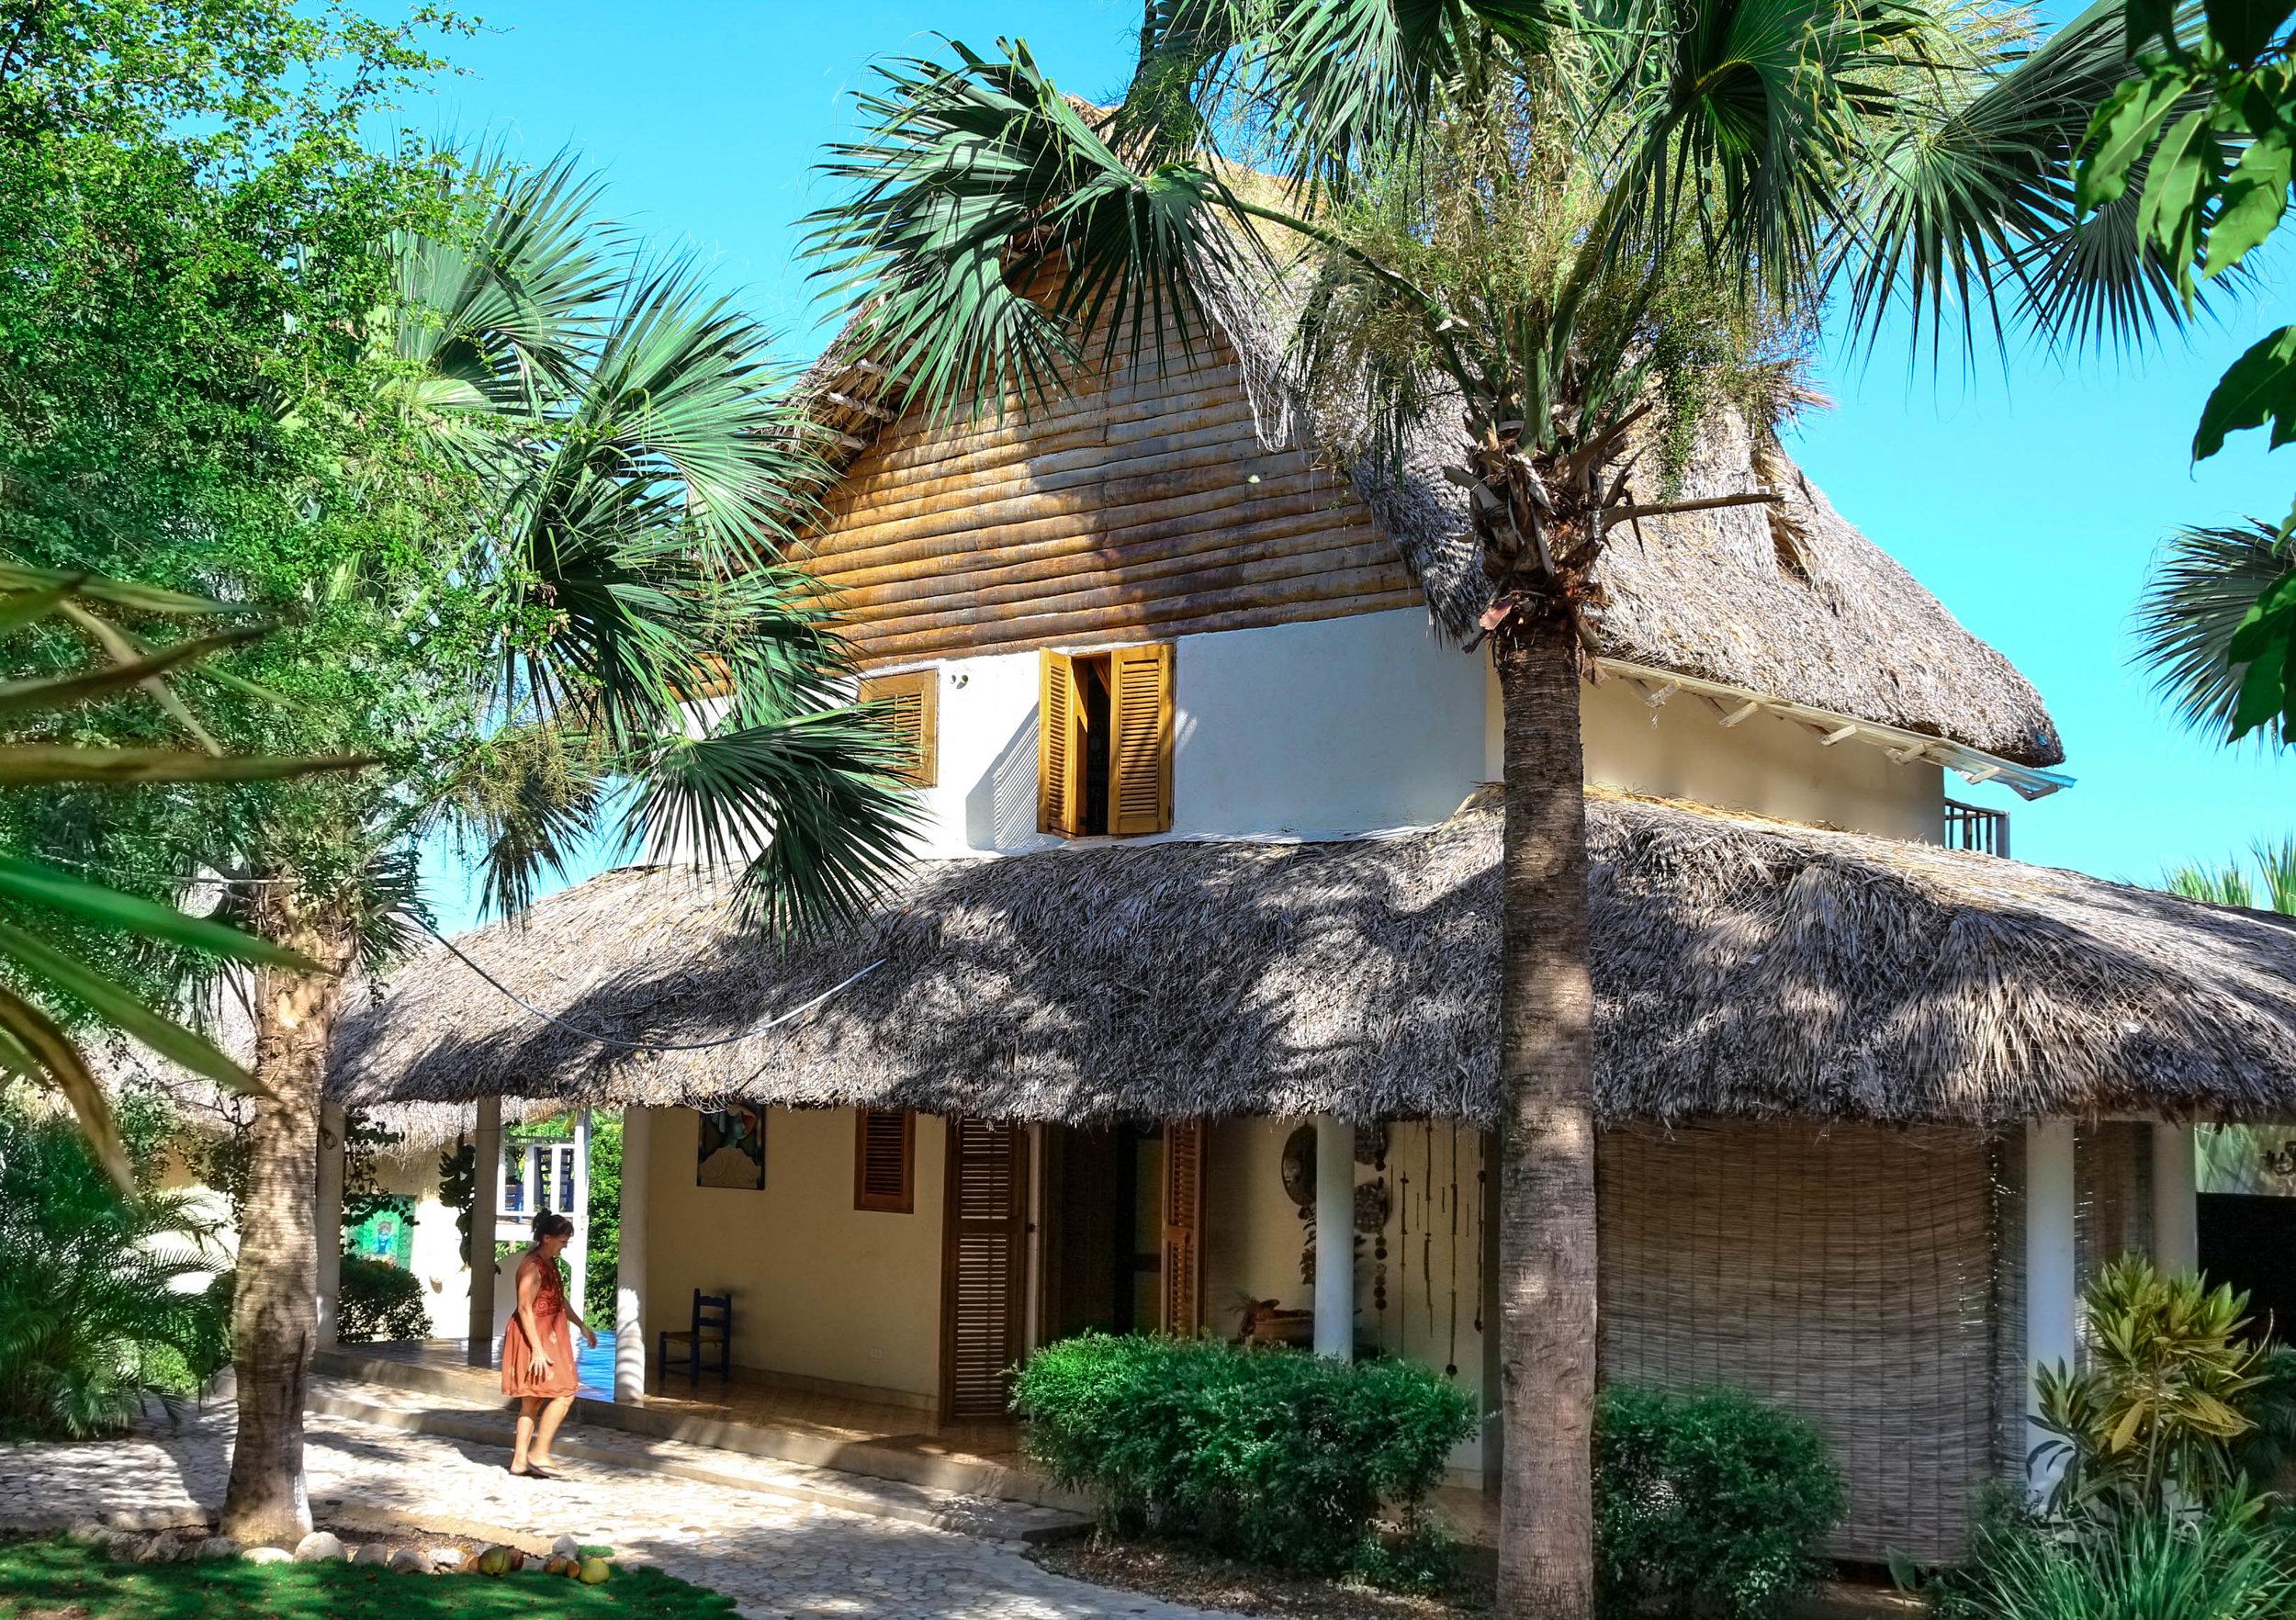 Chic Chateau Villa Eco Friendly Design